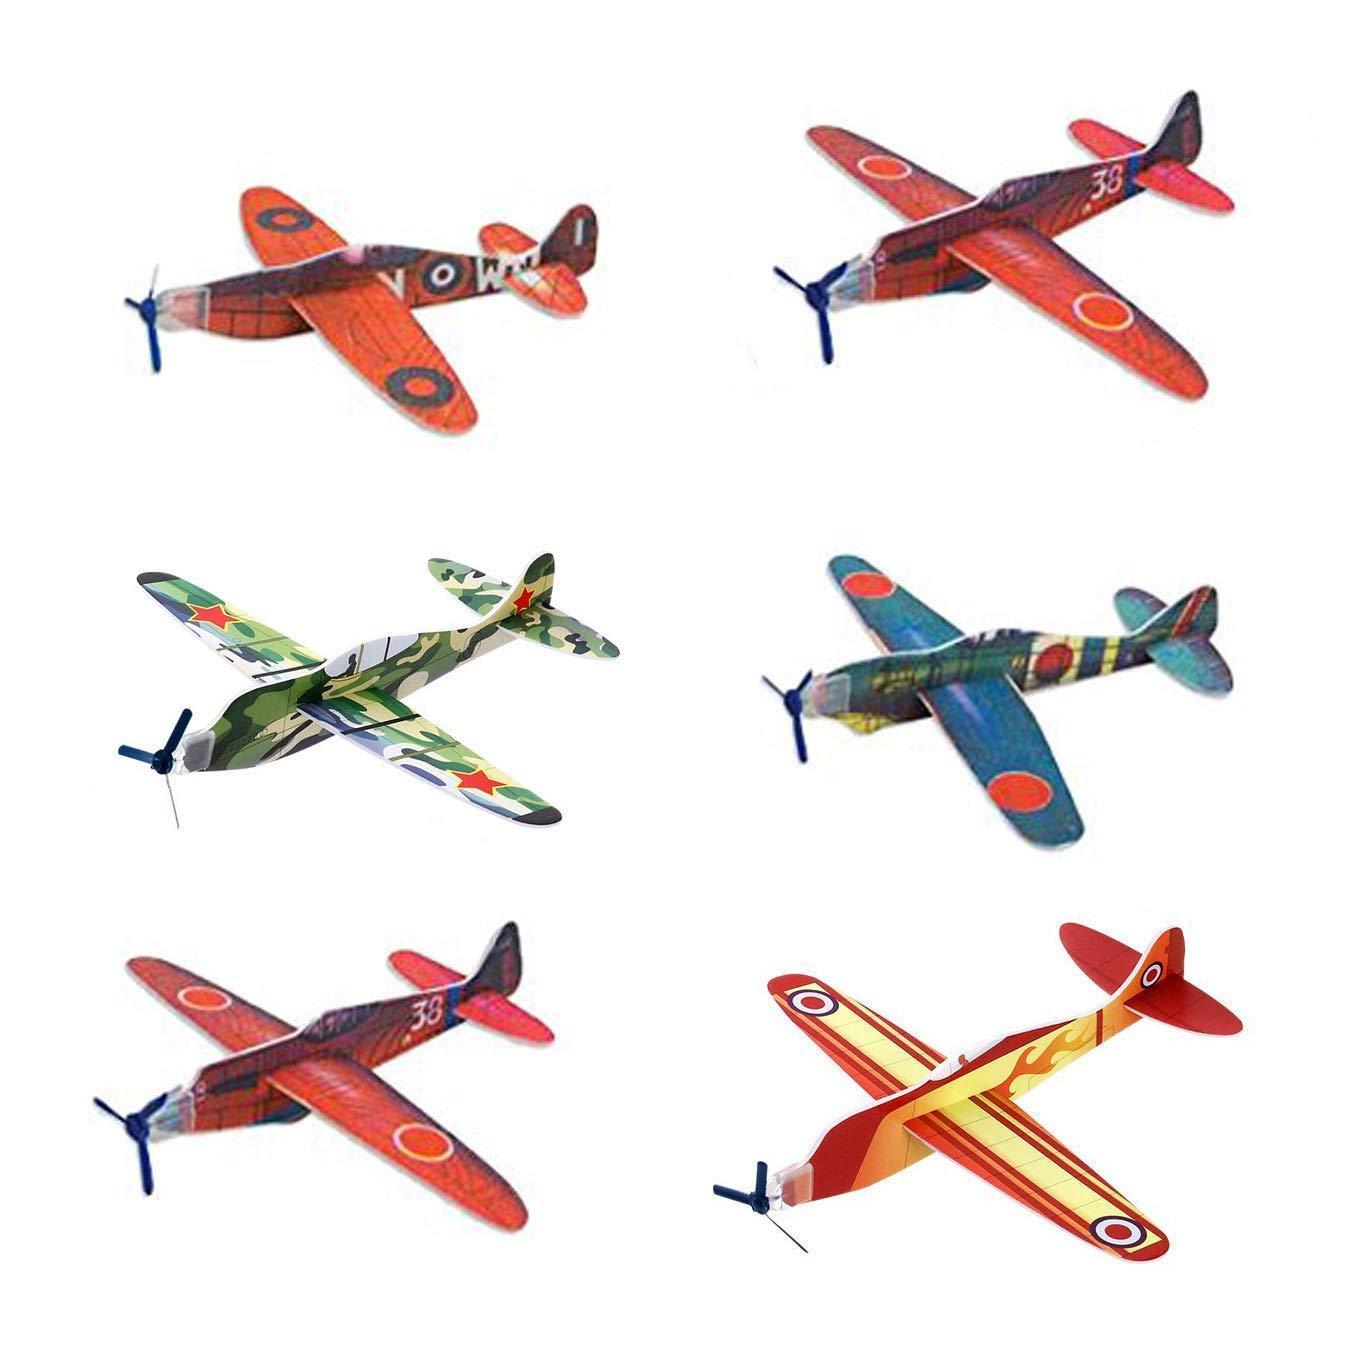 MAKFORT Styroporflieger Werfen Wurfgleiter Fliegende Gleiter Styropor Flugzeug Mitgebsel Kindergeburtstag 24 Stück